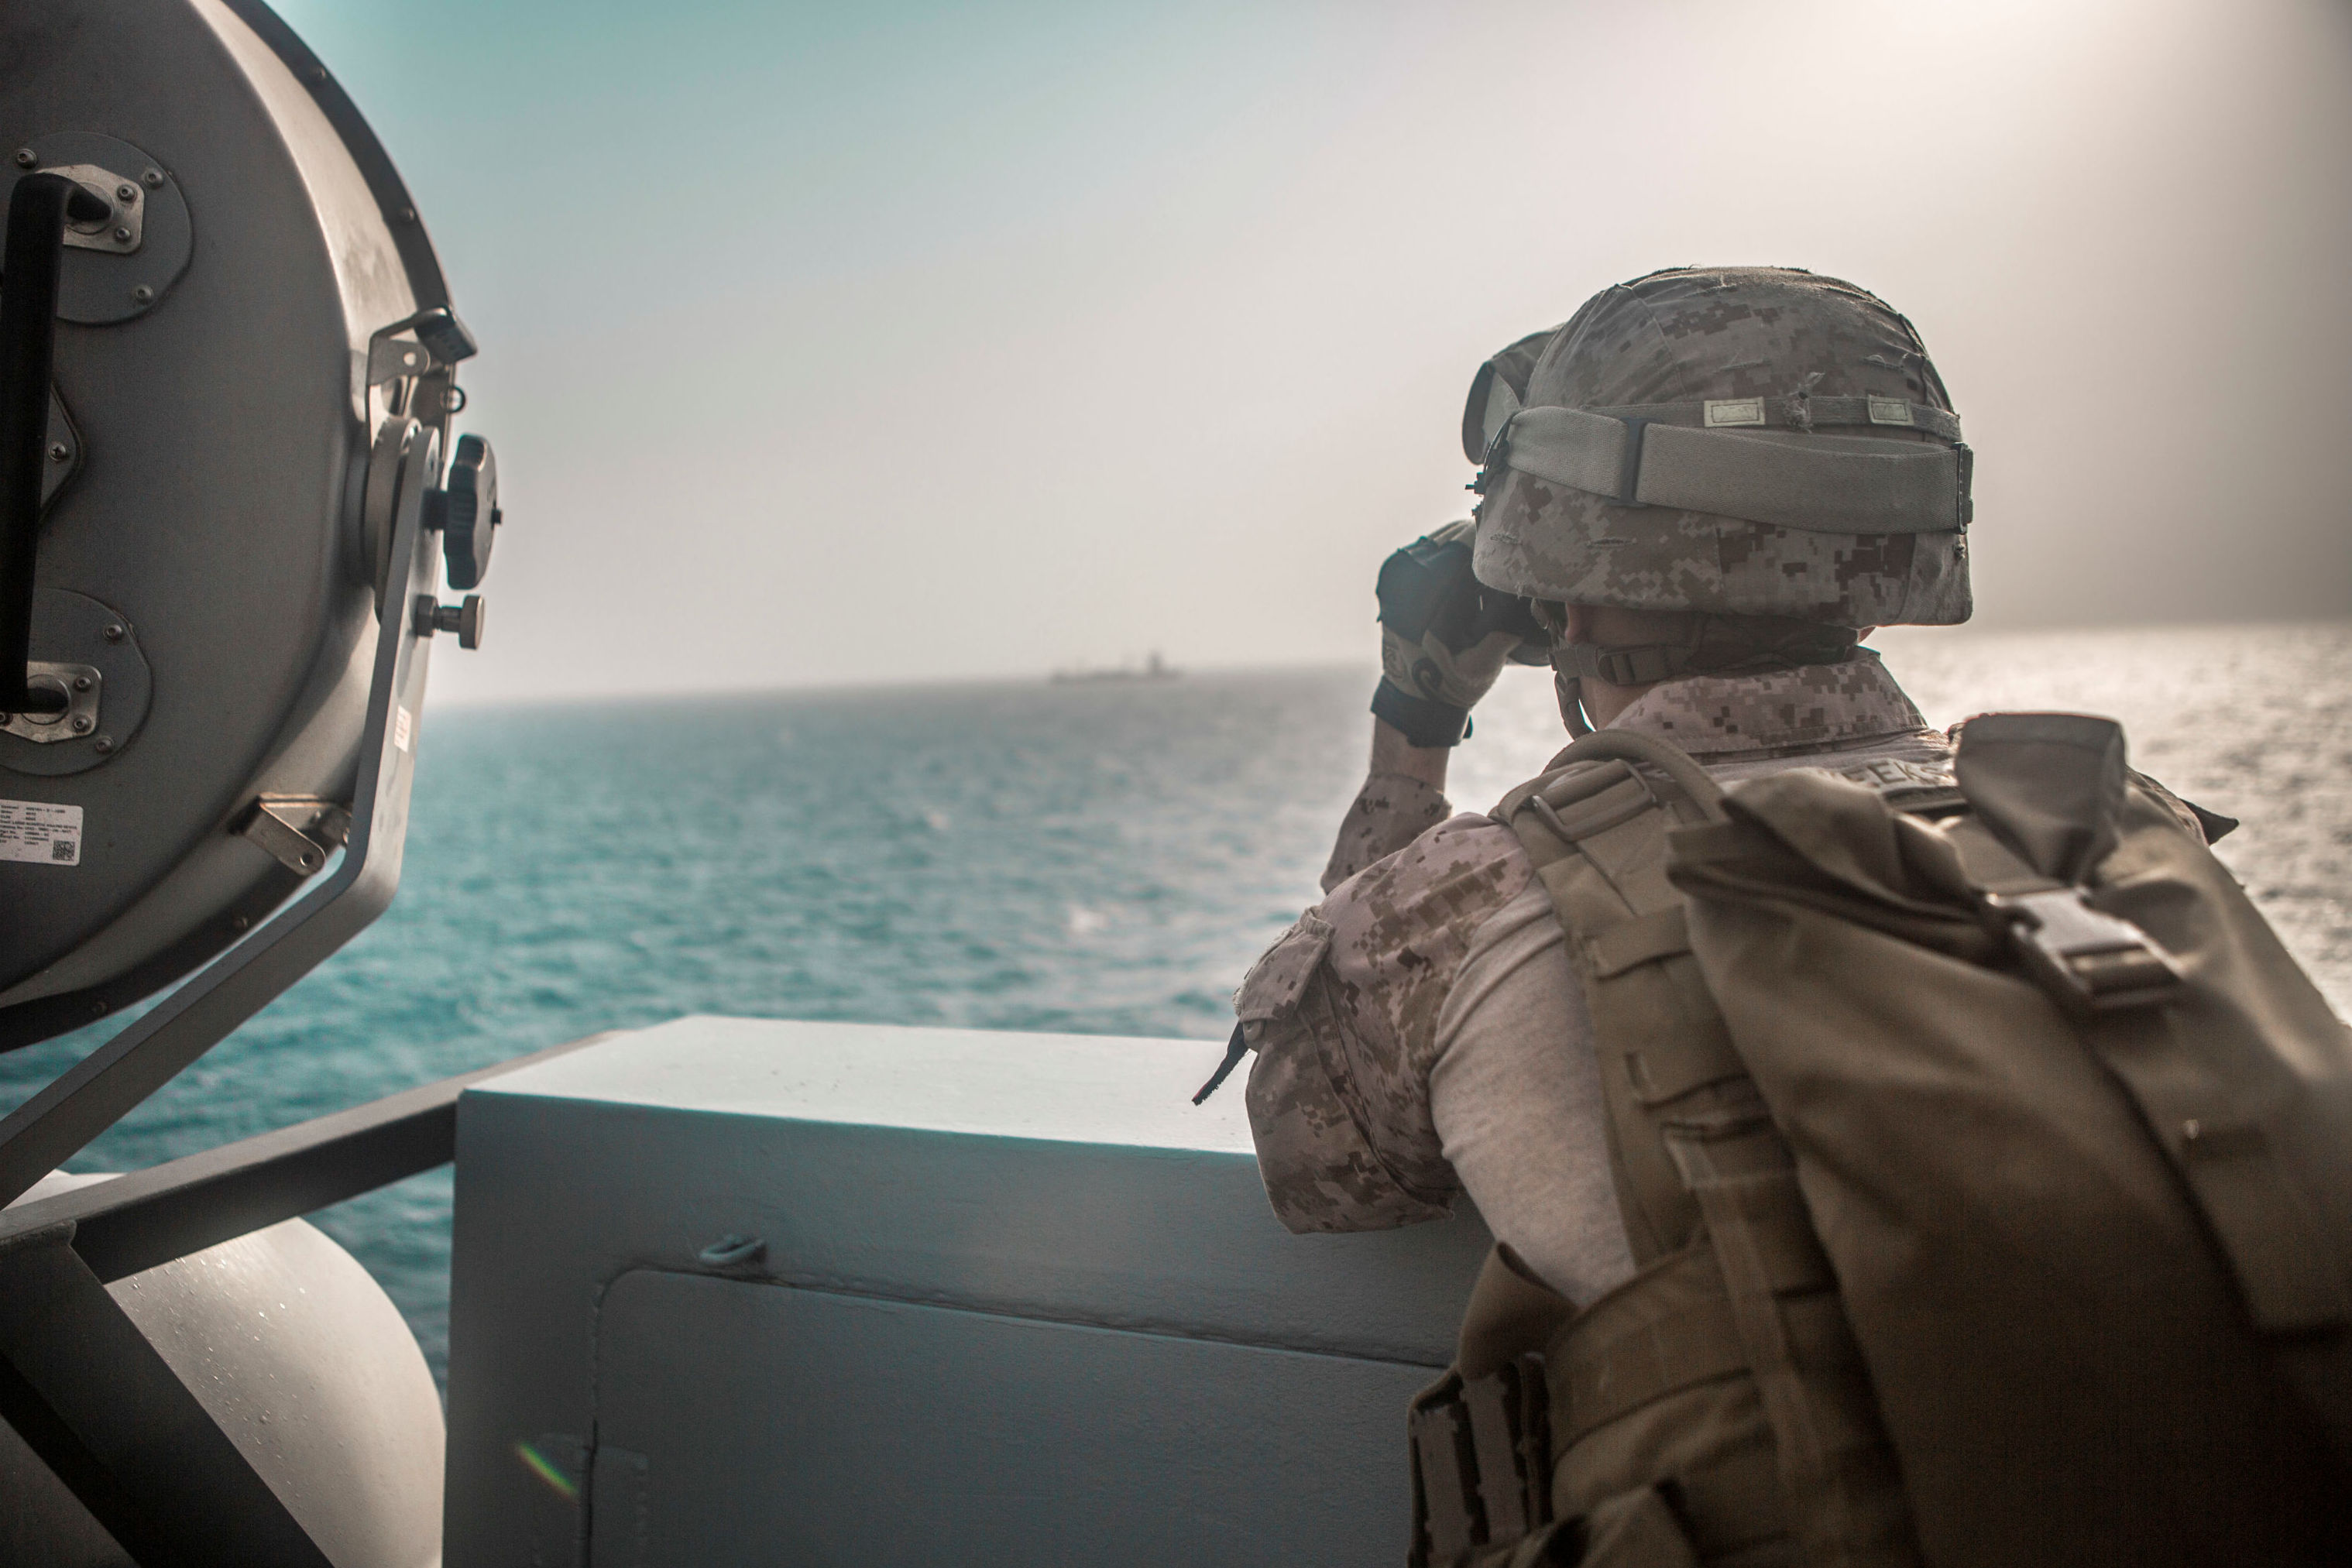 Un miltar de EEUU en el estrecho de Ormuz